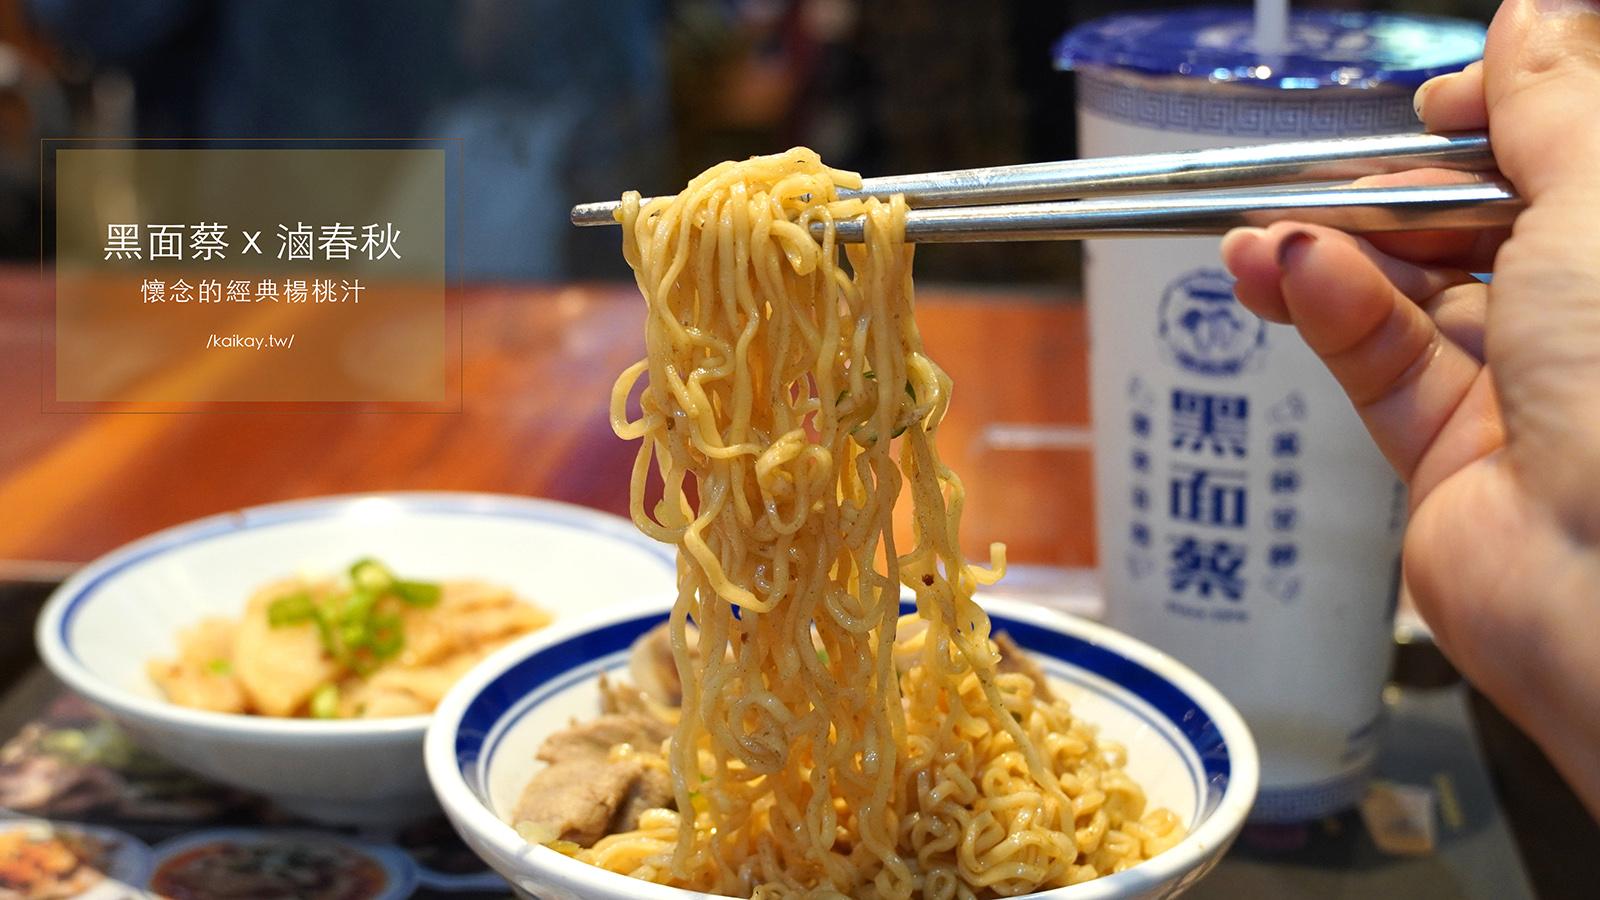 ☆【美食】再次被圈粉。經典黑面蔡楊桃汁x滷天下 @凱的日本食尚日記